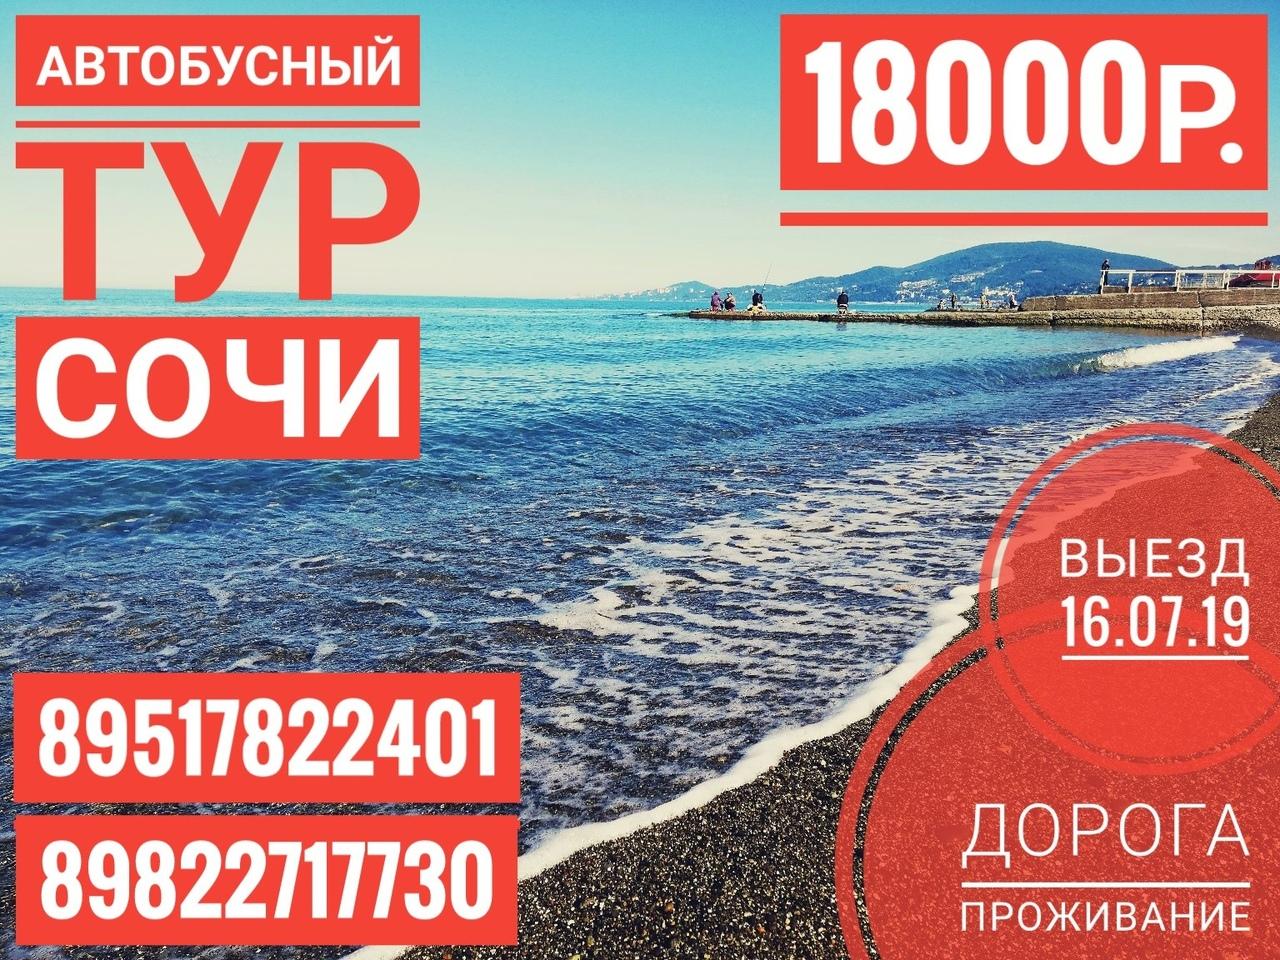 Афиша Челябинск СОЧИ / 16.07 - 30.07 - 18000р - 14 дней!